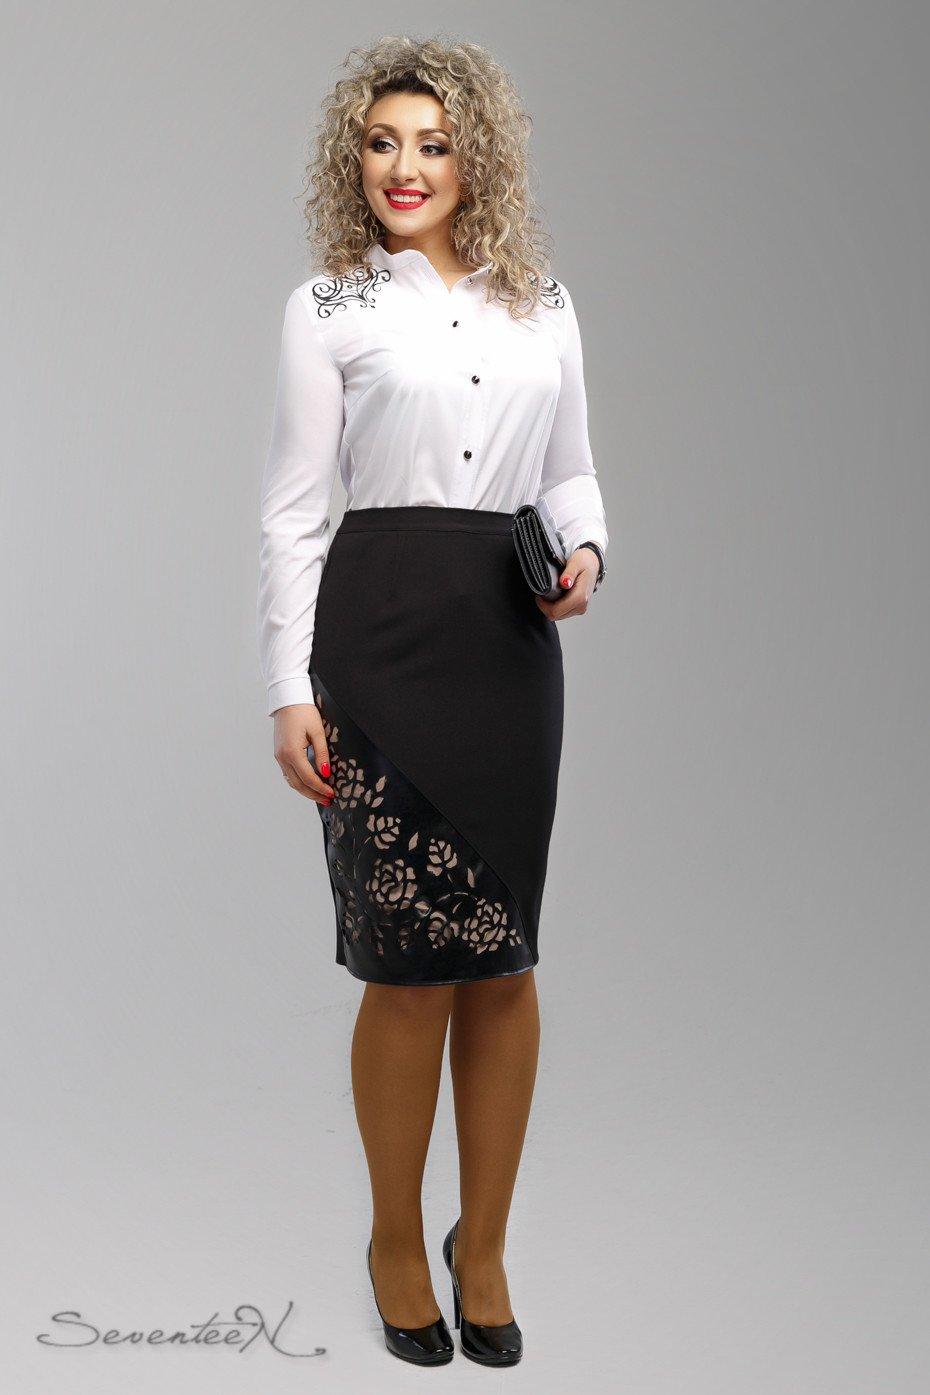 f1955627115 Черная юбка 1991 - купить недорого — Donna Bella - 1991-48